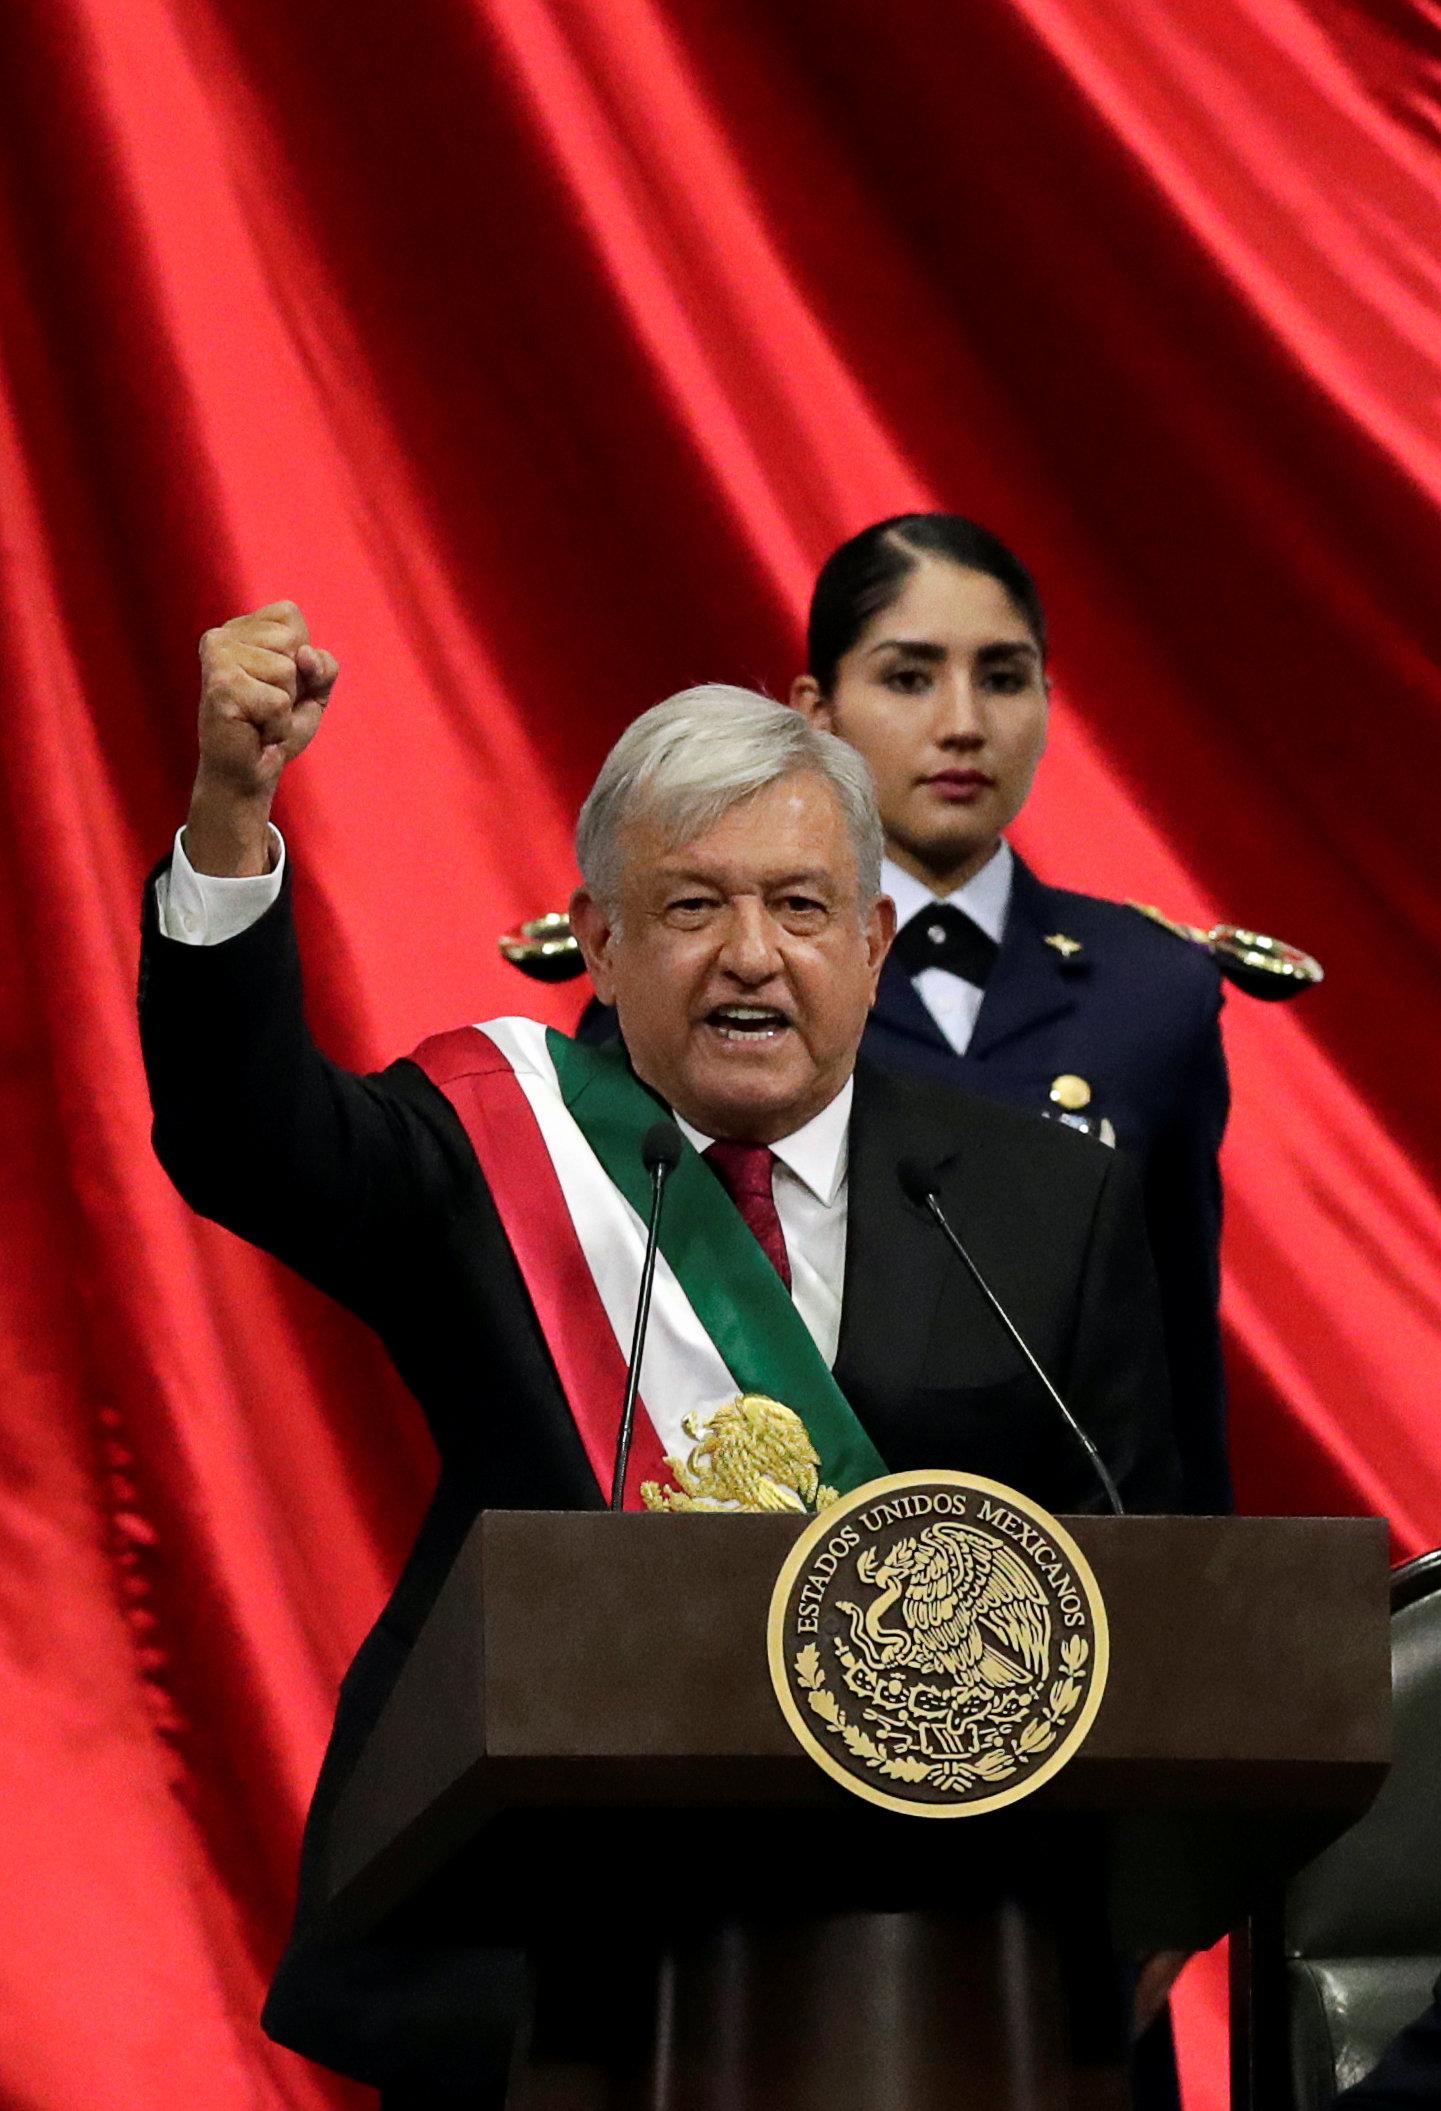 جانب من كلمة رئيس المكسيك الجديد